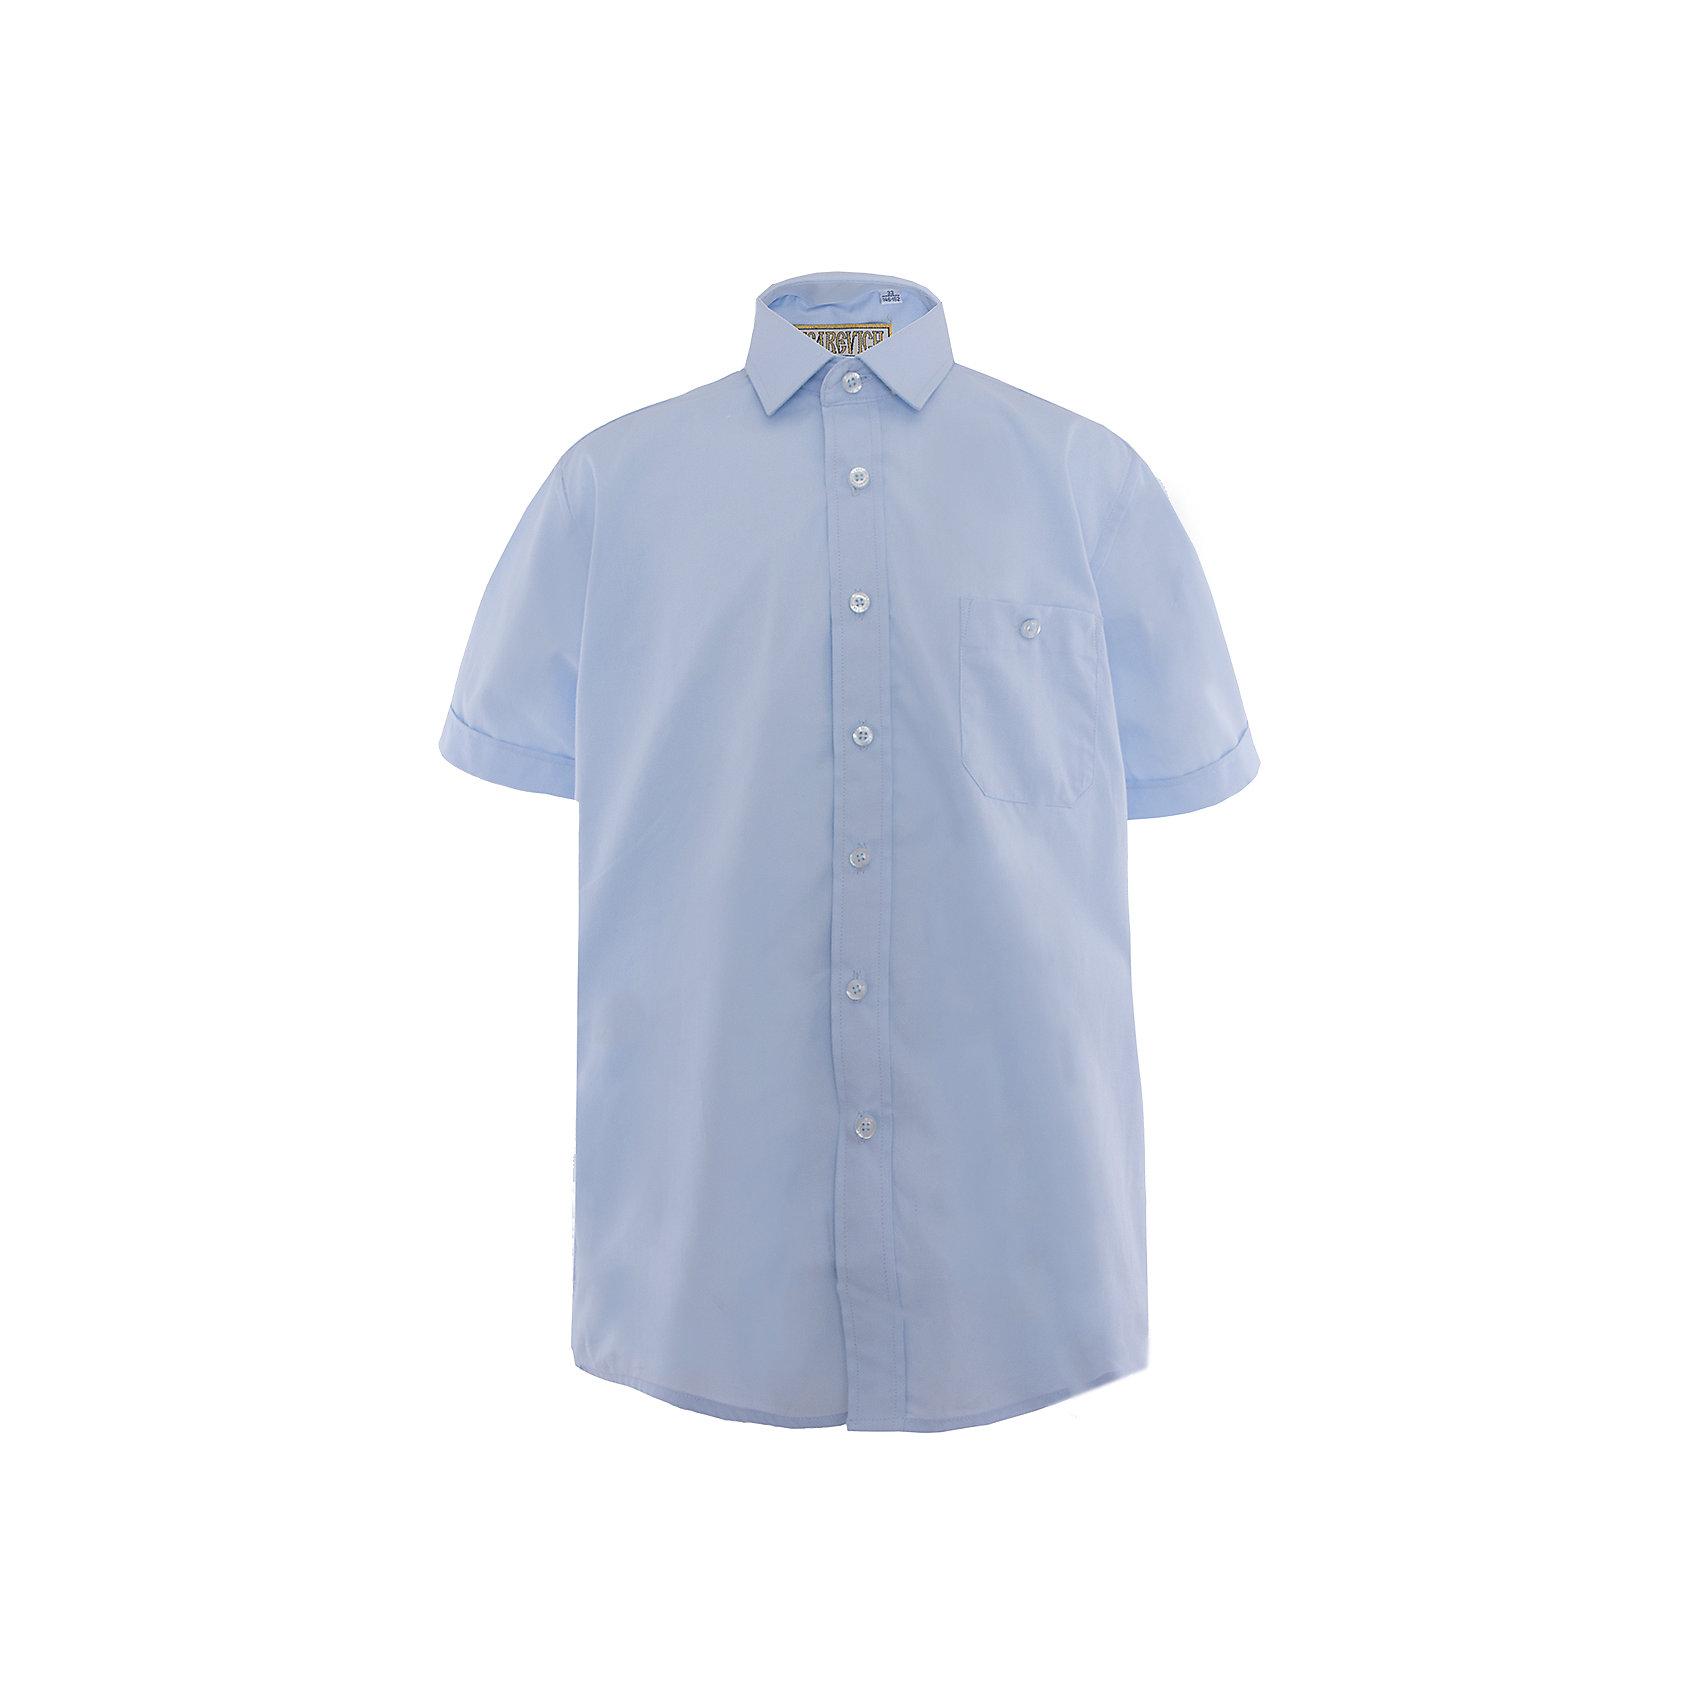 Рубашка для мальчика  TsarevichОдежда<br>Рубашка для мальчика от российской марки Tsarevich.<br>Состав:<br>80% хлопок  20% полиэстер<br><br>Ширина мм: 174<br>Глубина мм: 10<br>Высота мм: 169<br>Вес г: 157<br>Цвет: голубой<br>Возраст от месяцев: 144<br>Возраст до месяцев: 156<br>Пол: Мужской<br>Возраст: Детский<br>Размер: 152/158,128/134,158/164,164/170,146/152,134/140,122/128,140/146<br>SKU: 4163619